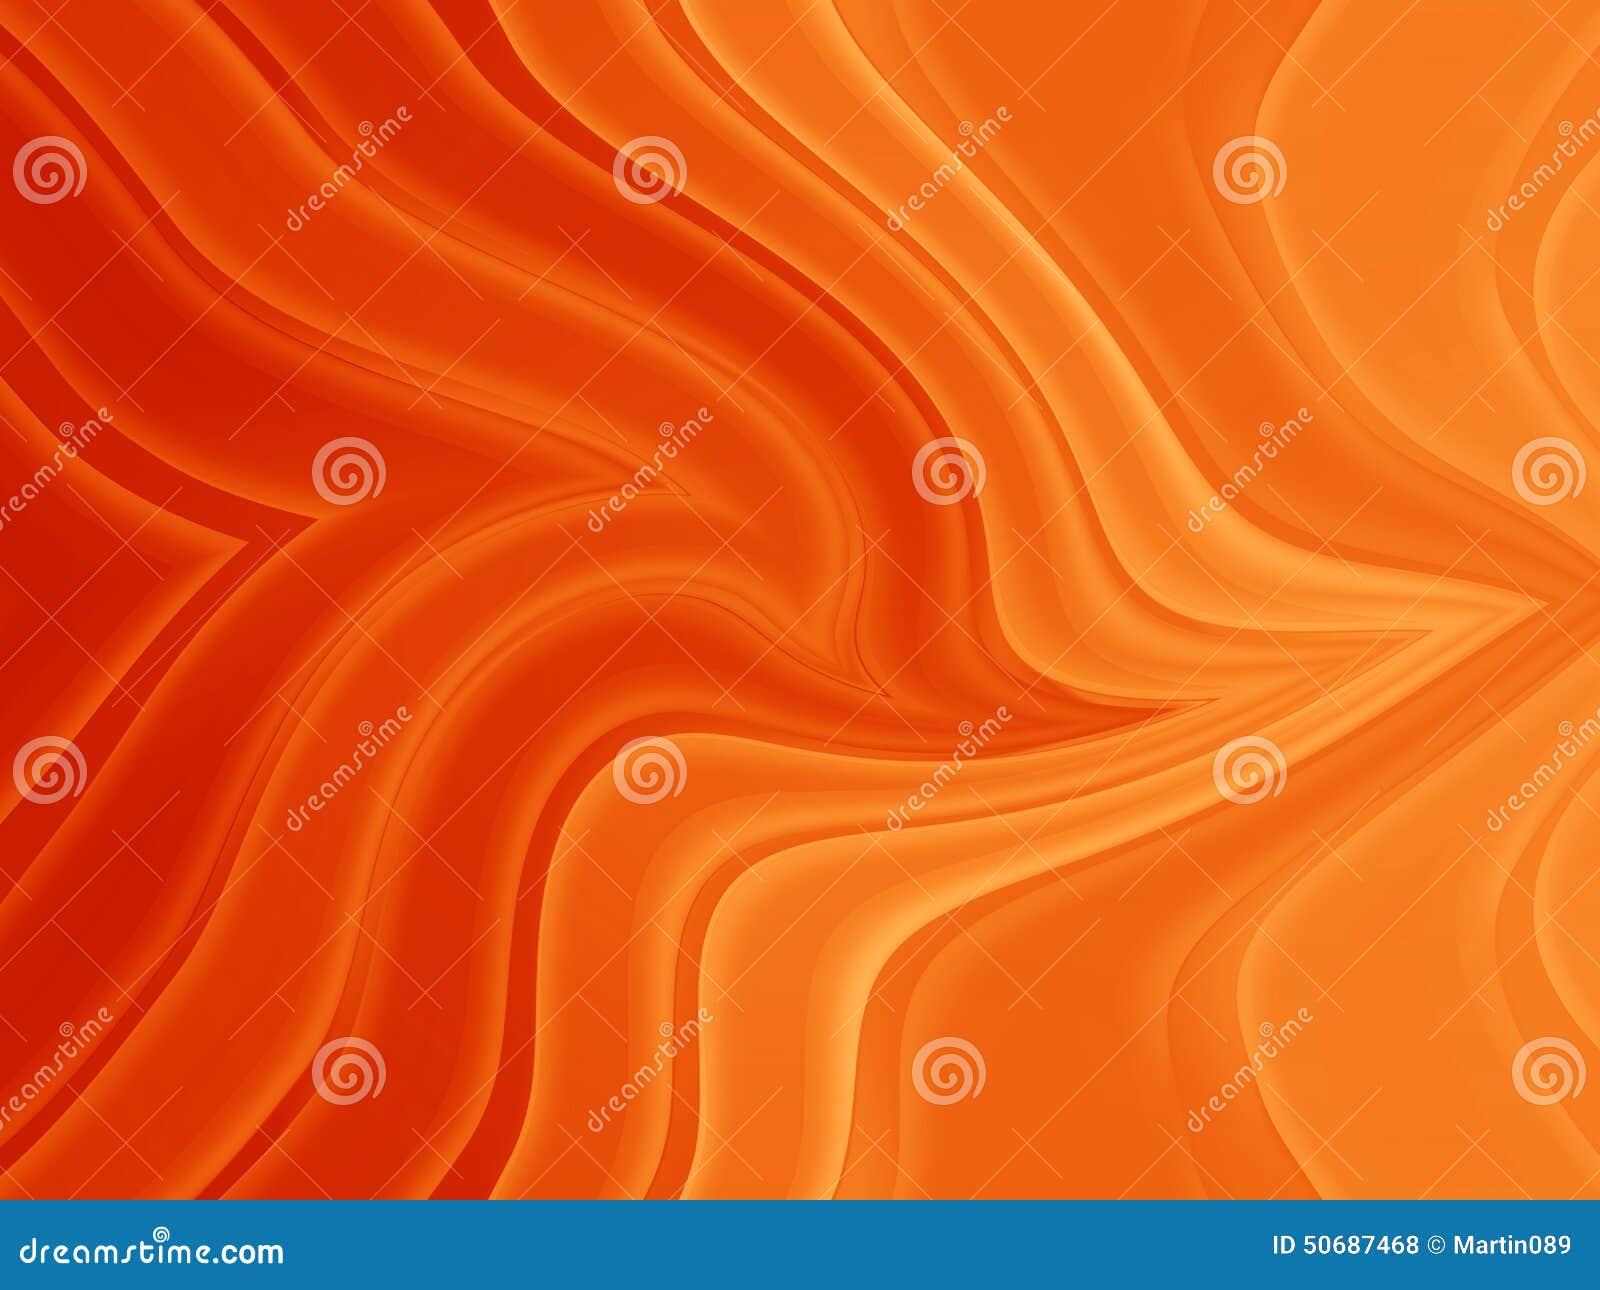 Download 抽象背景桔子 库存例证. 插画 包括有 织品, 设计, 图象, 能源, 概念, 箭头, 数字式, 艺术, 艺术性 - 50687468